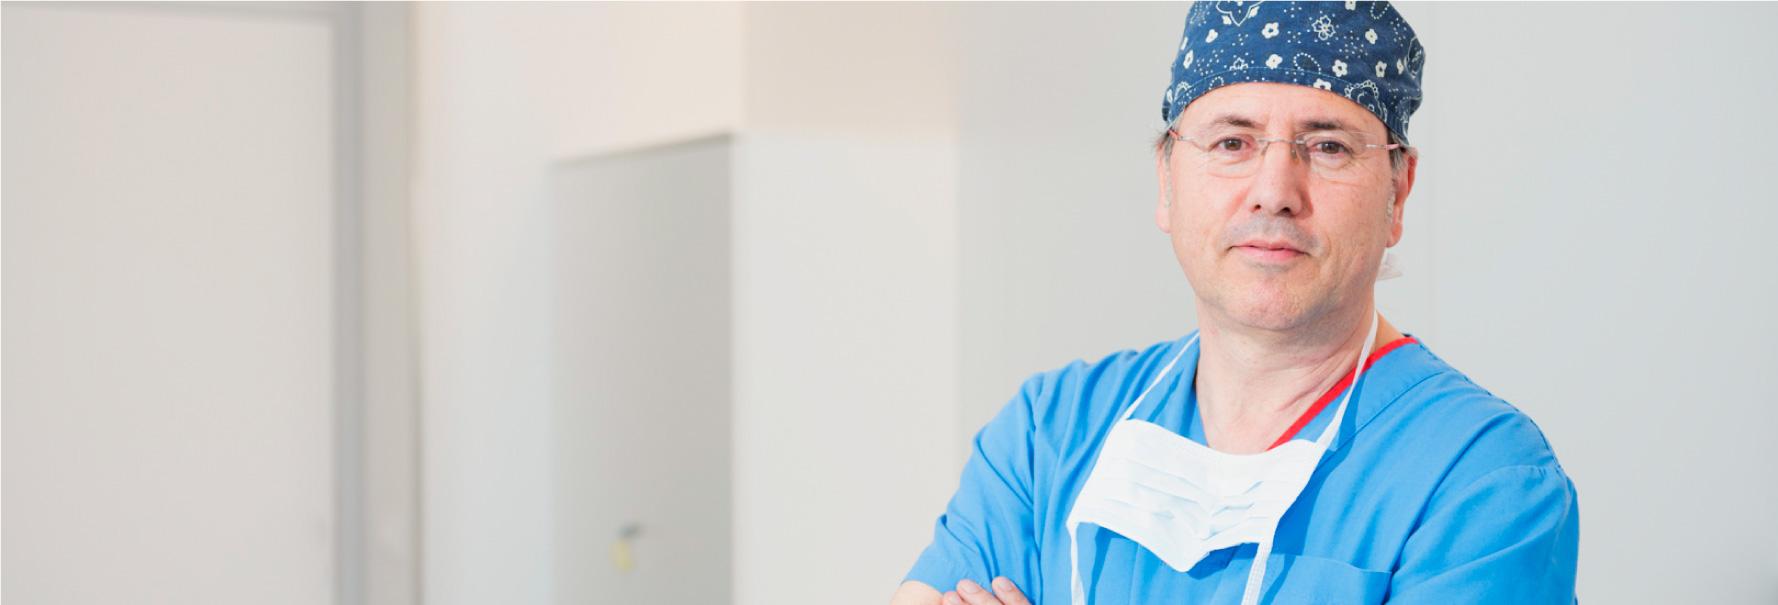 Doctor Pablo Moreno Cirujano Endocrino